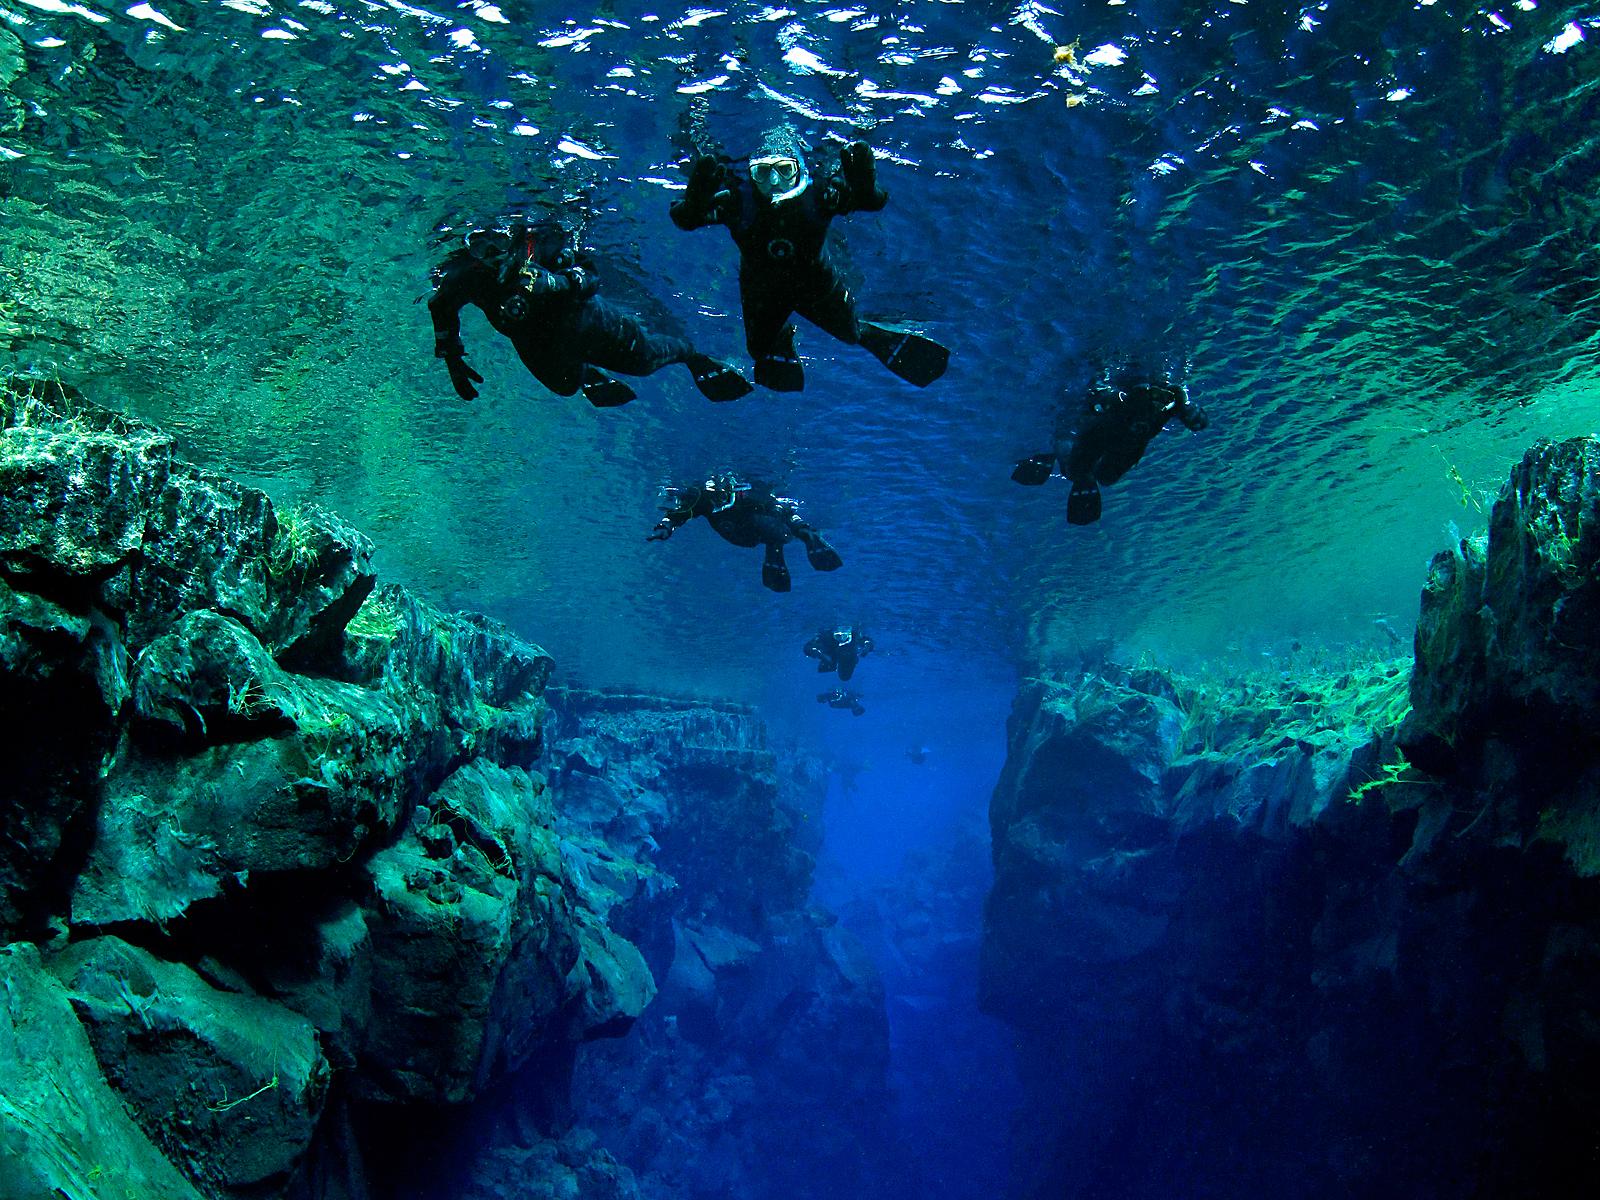 ช่องแคบซิลฟรามักจะถูกจัดอันดับให้เป็น 1 ใน 10 จุดดำน้ำลึกและดำน้ำตื้นของโลก